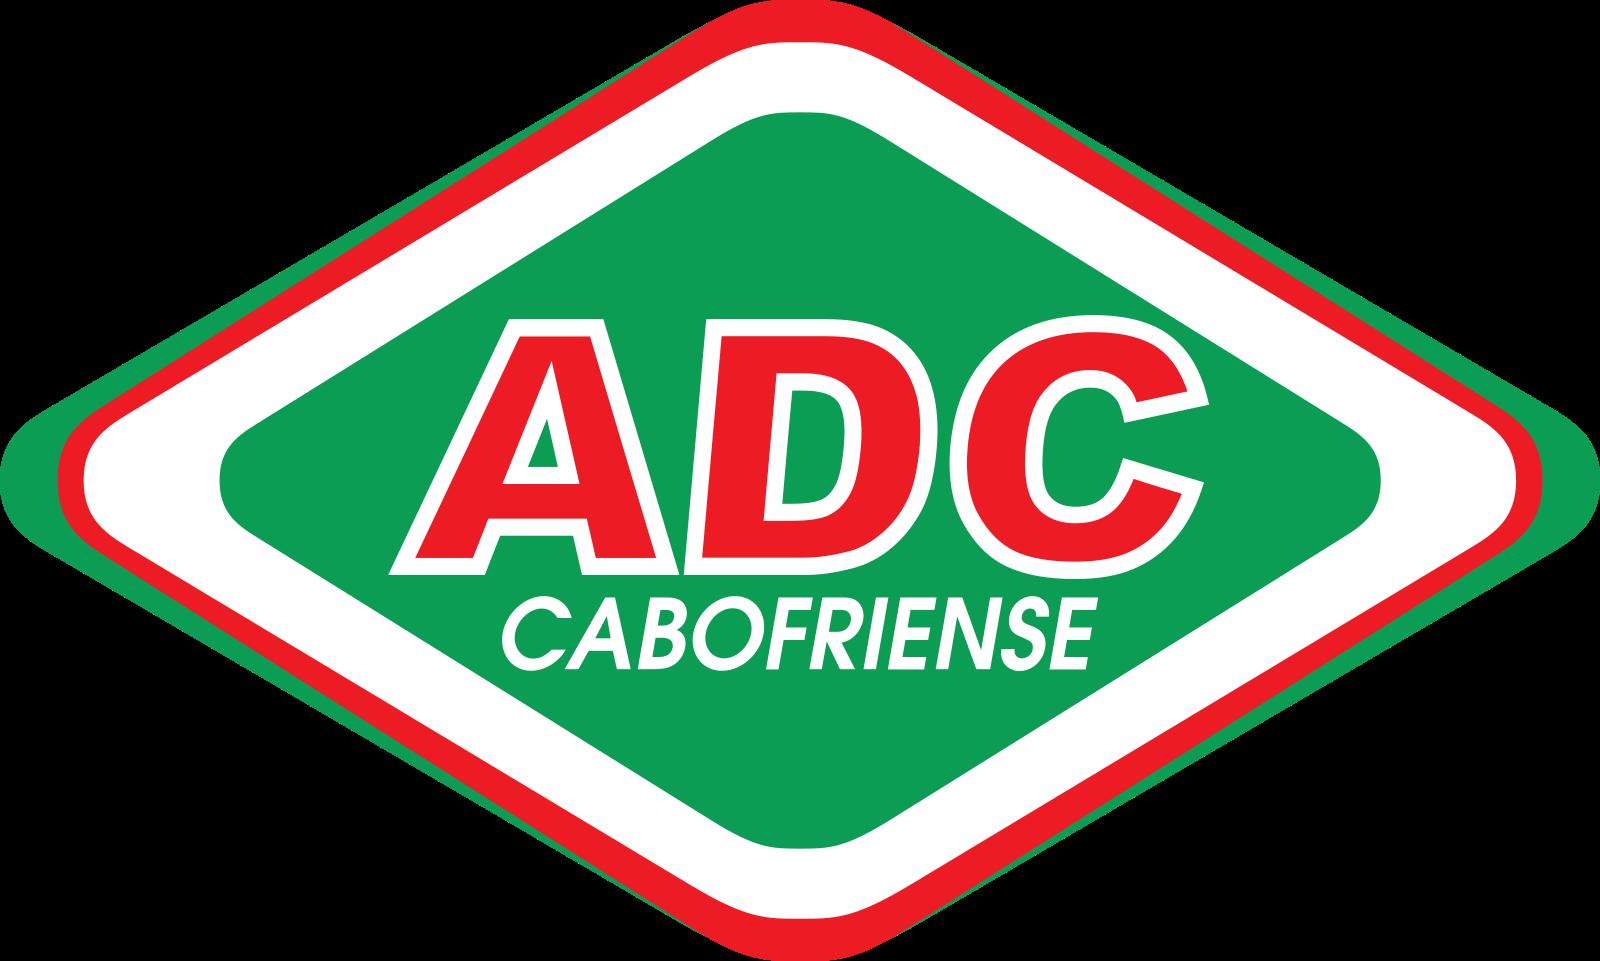 cabofriense-logo-escudo-2